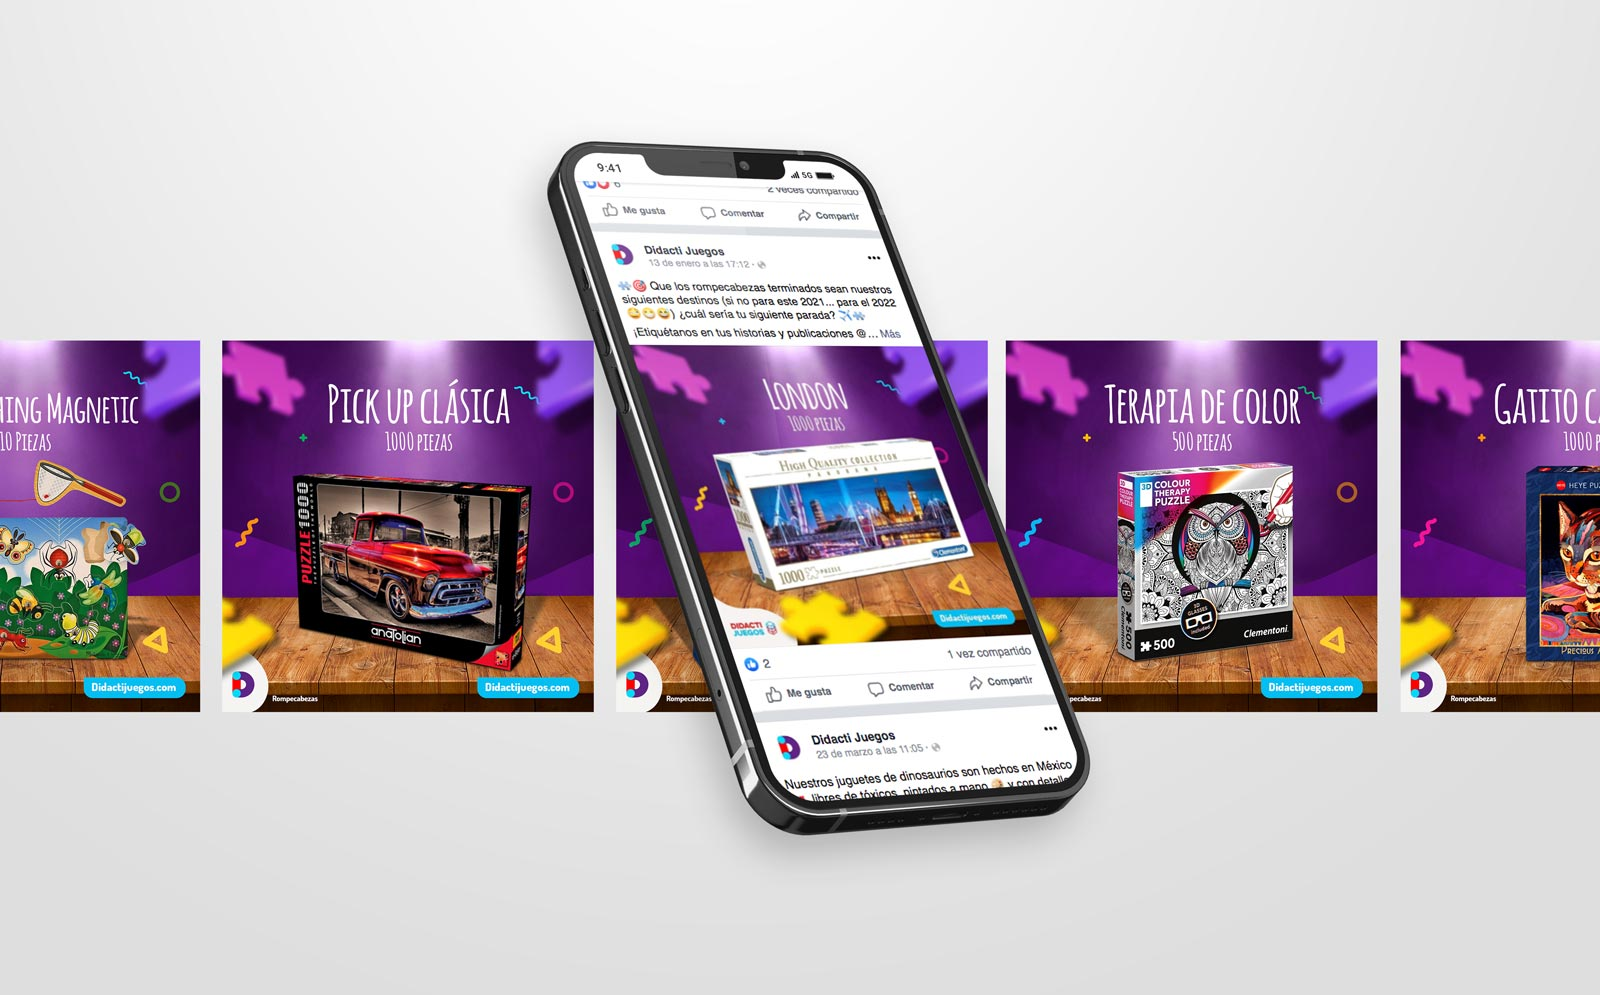 mambo-agencia-creativa-didacti-juegos-social-media-mockup-5